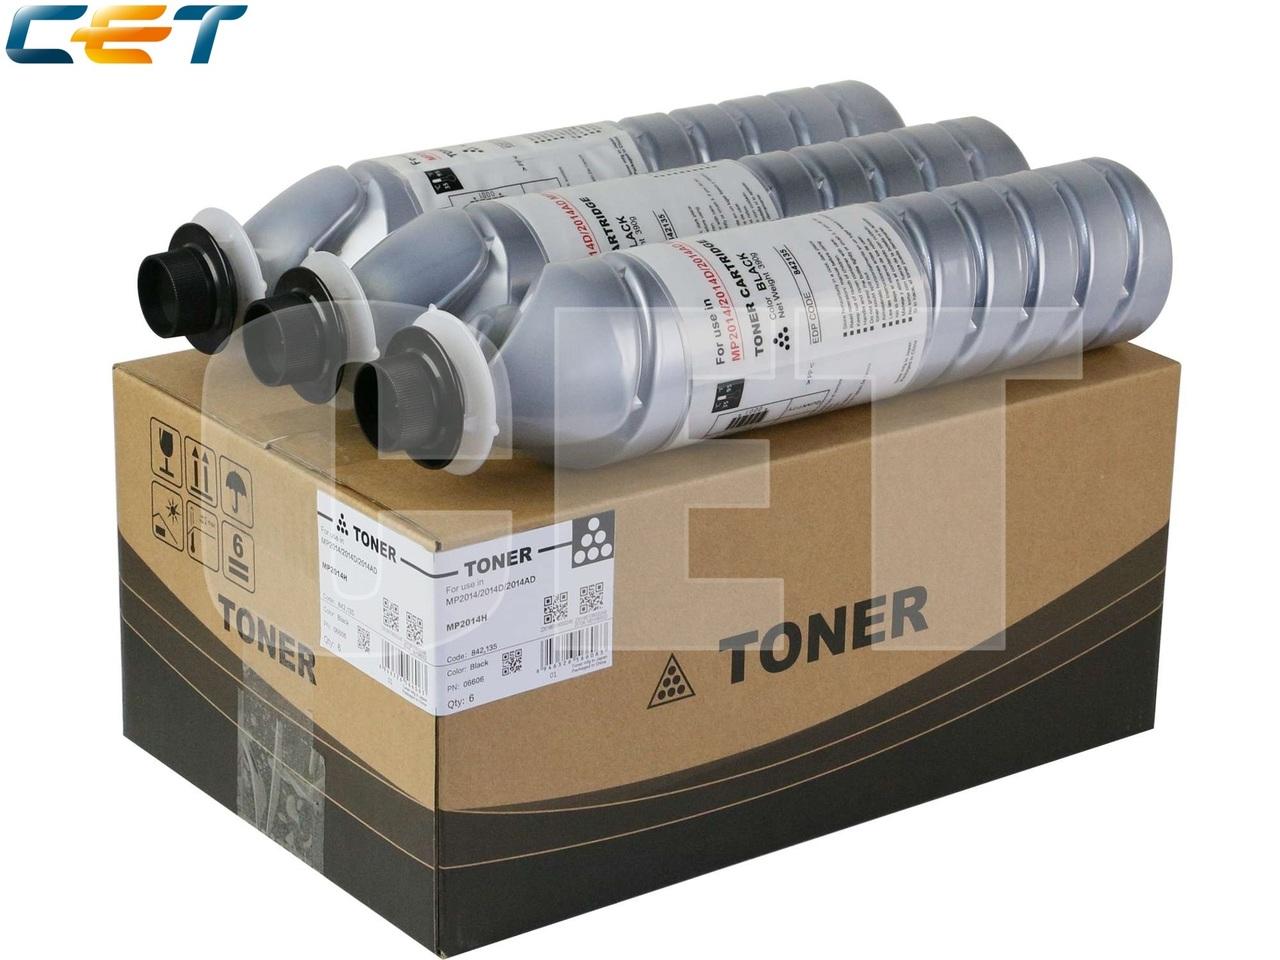 Тонер-картридж (CPP) 842135 для RICOH MP2014/2014D(CET), 390г, 12000 стр., CET6606